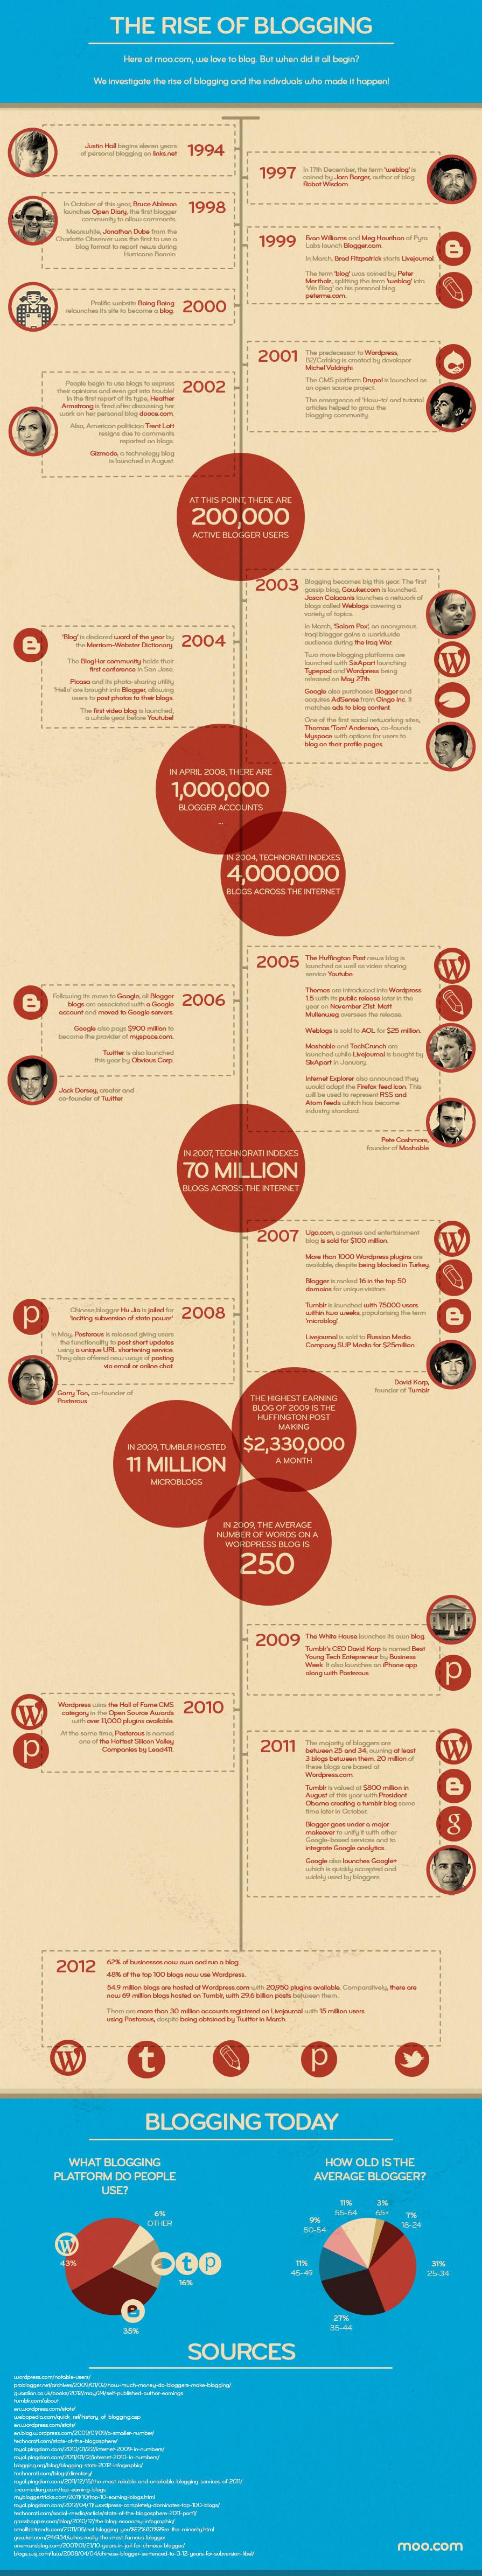 Rise of Blogging